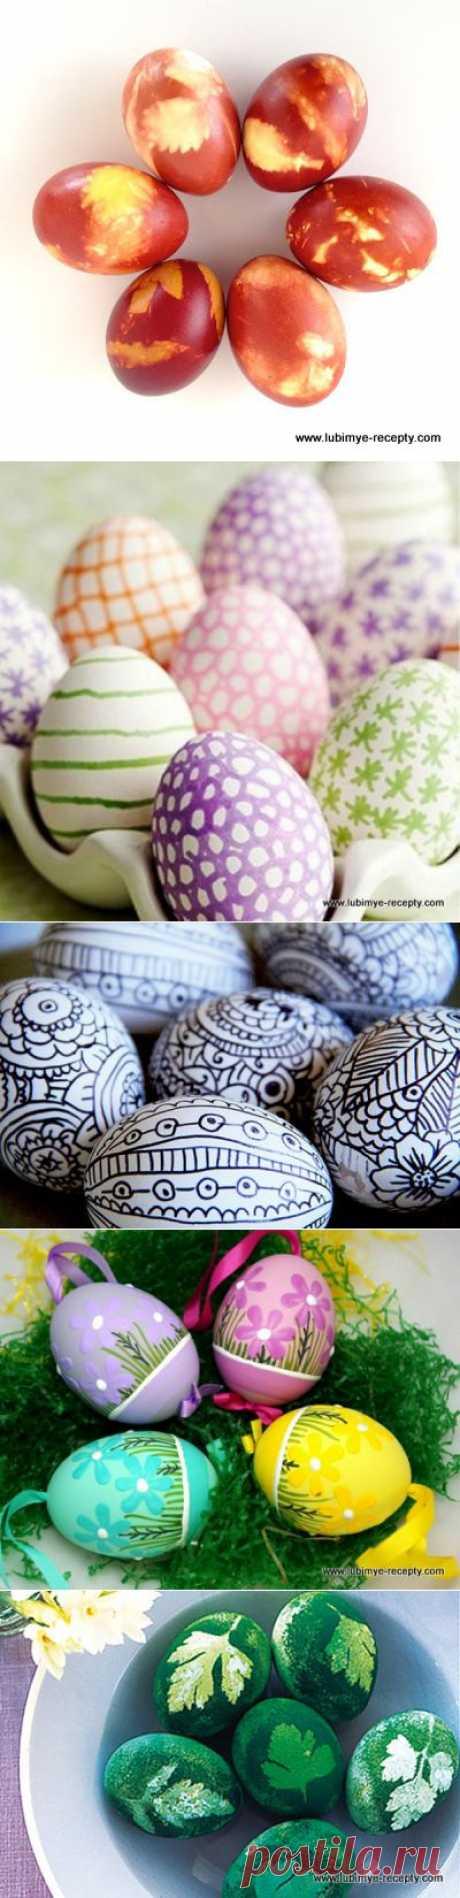 Идеи окрашивания, изготовления и украшения пасхальных яиц | Четыре вкуса